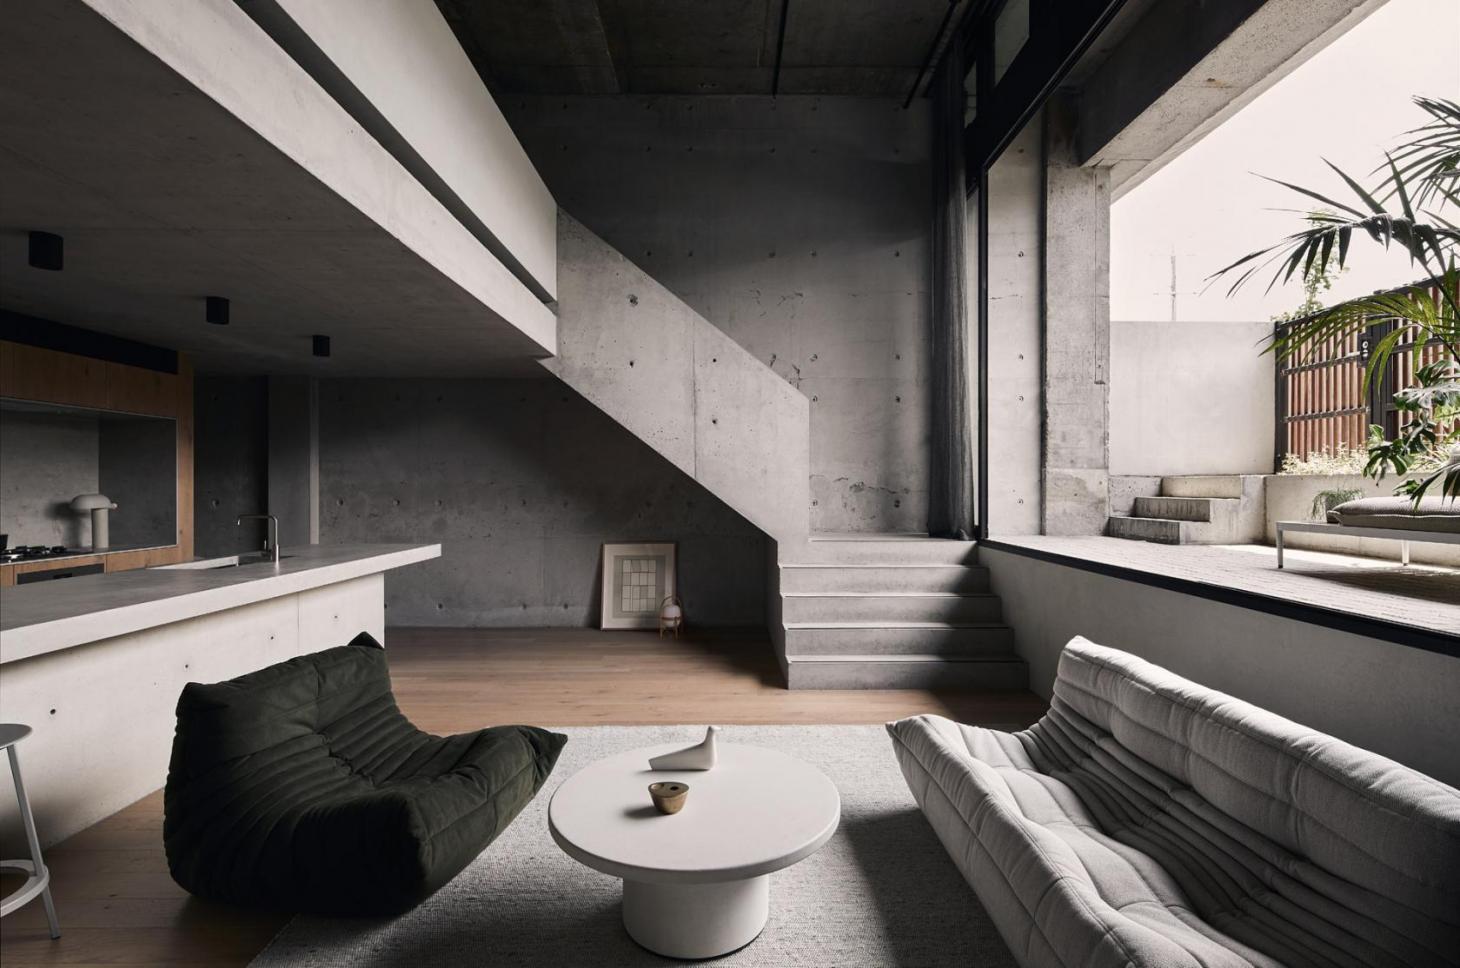 Çayyolu İç Mimarlık Dekorasyon Firmaları